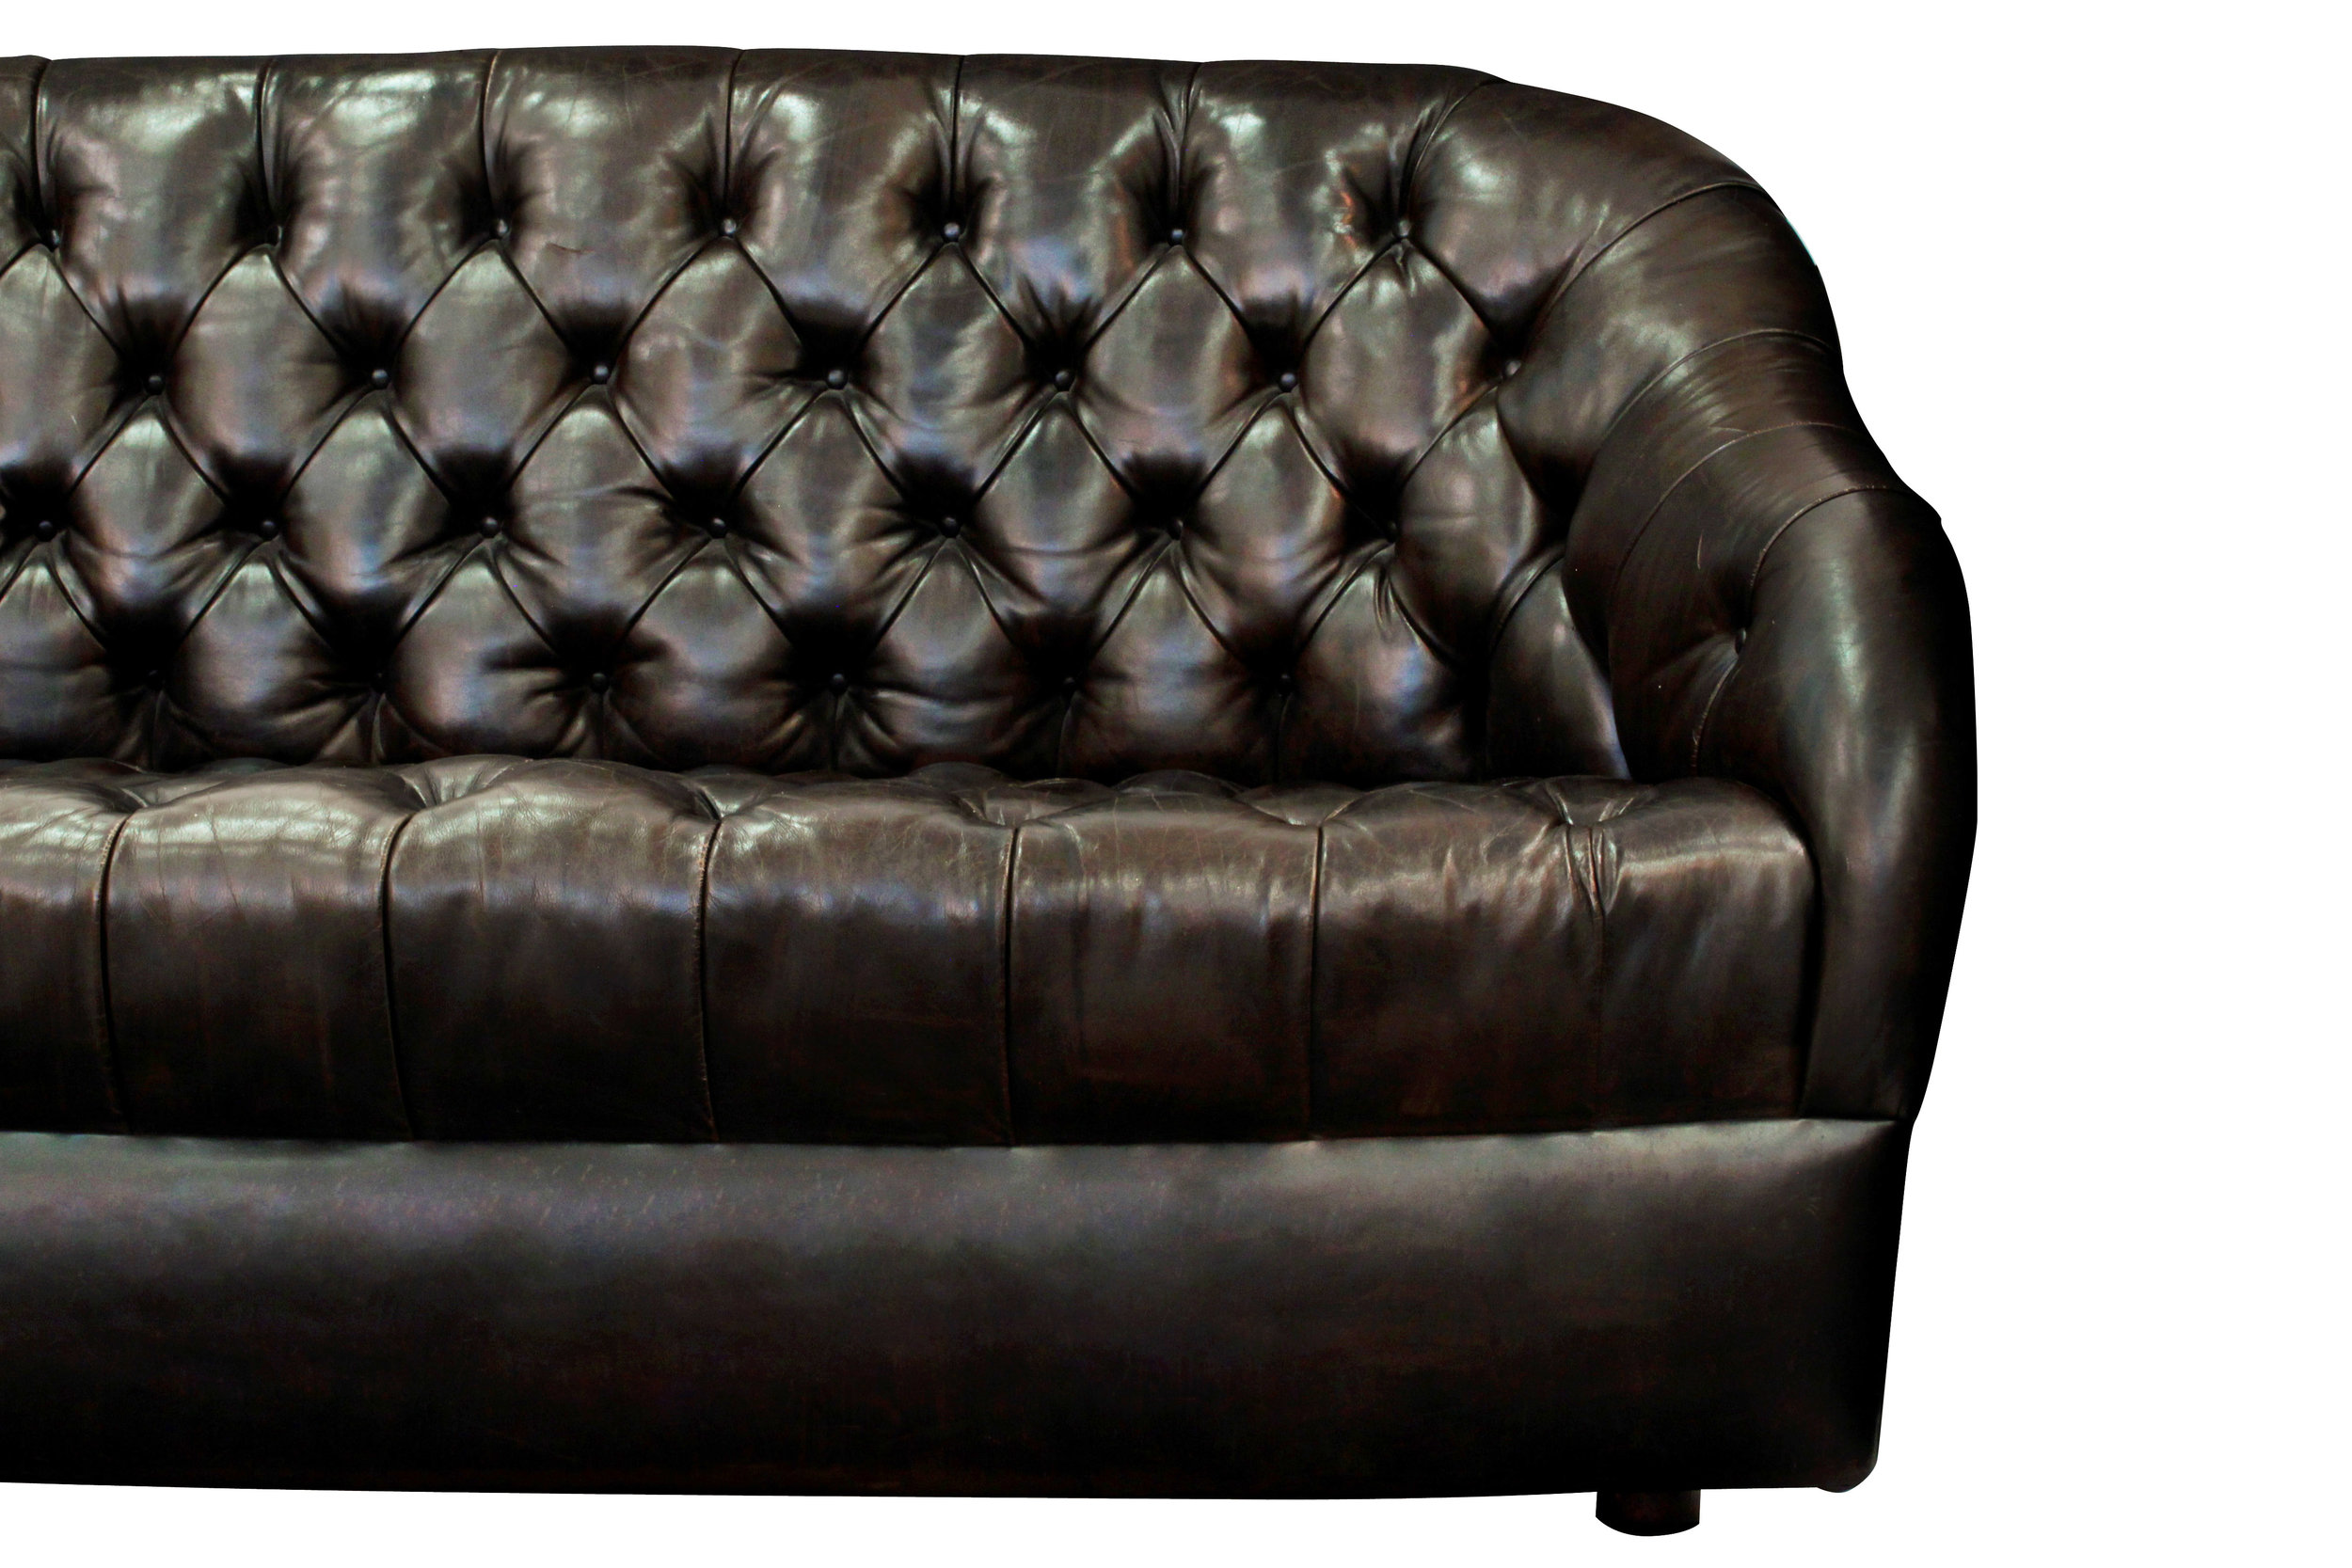 Bennett 85 tufted drk brown sofa82 detail4 hires.JPG